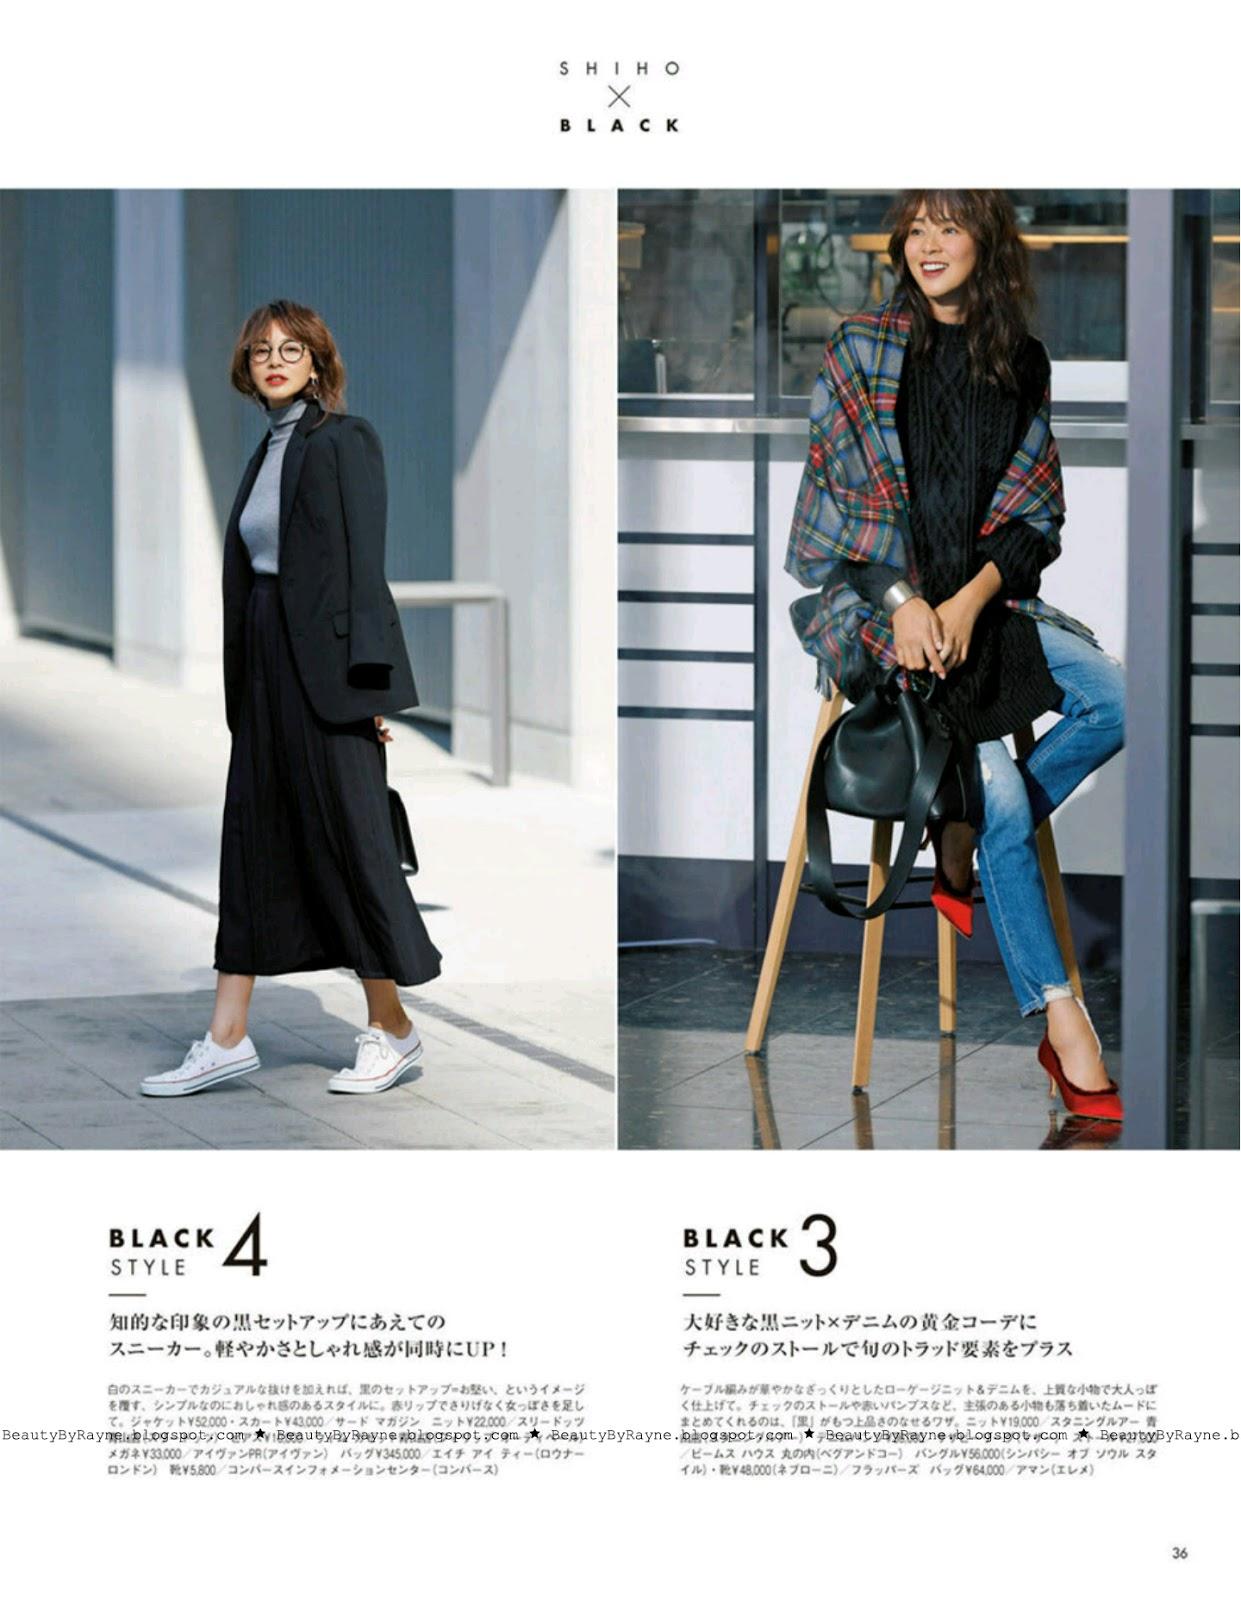 Marisol January 2019 Issue, Free Japanese Fashion Magazine Scans